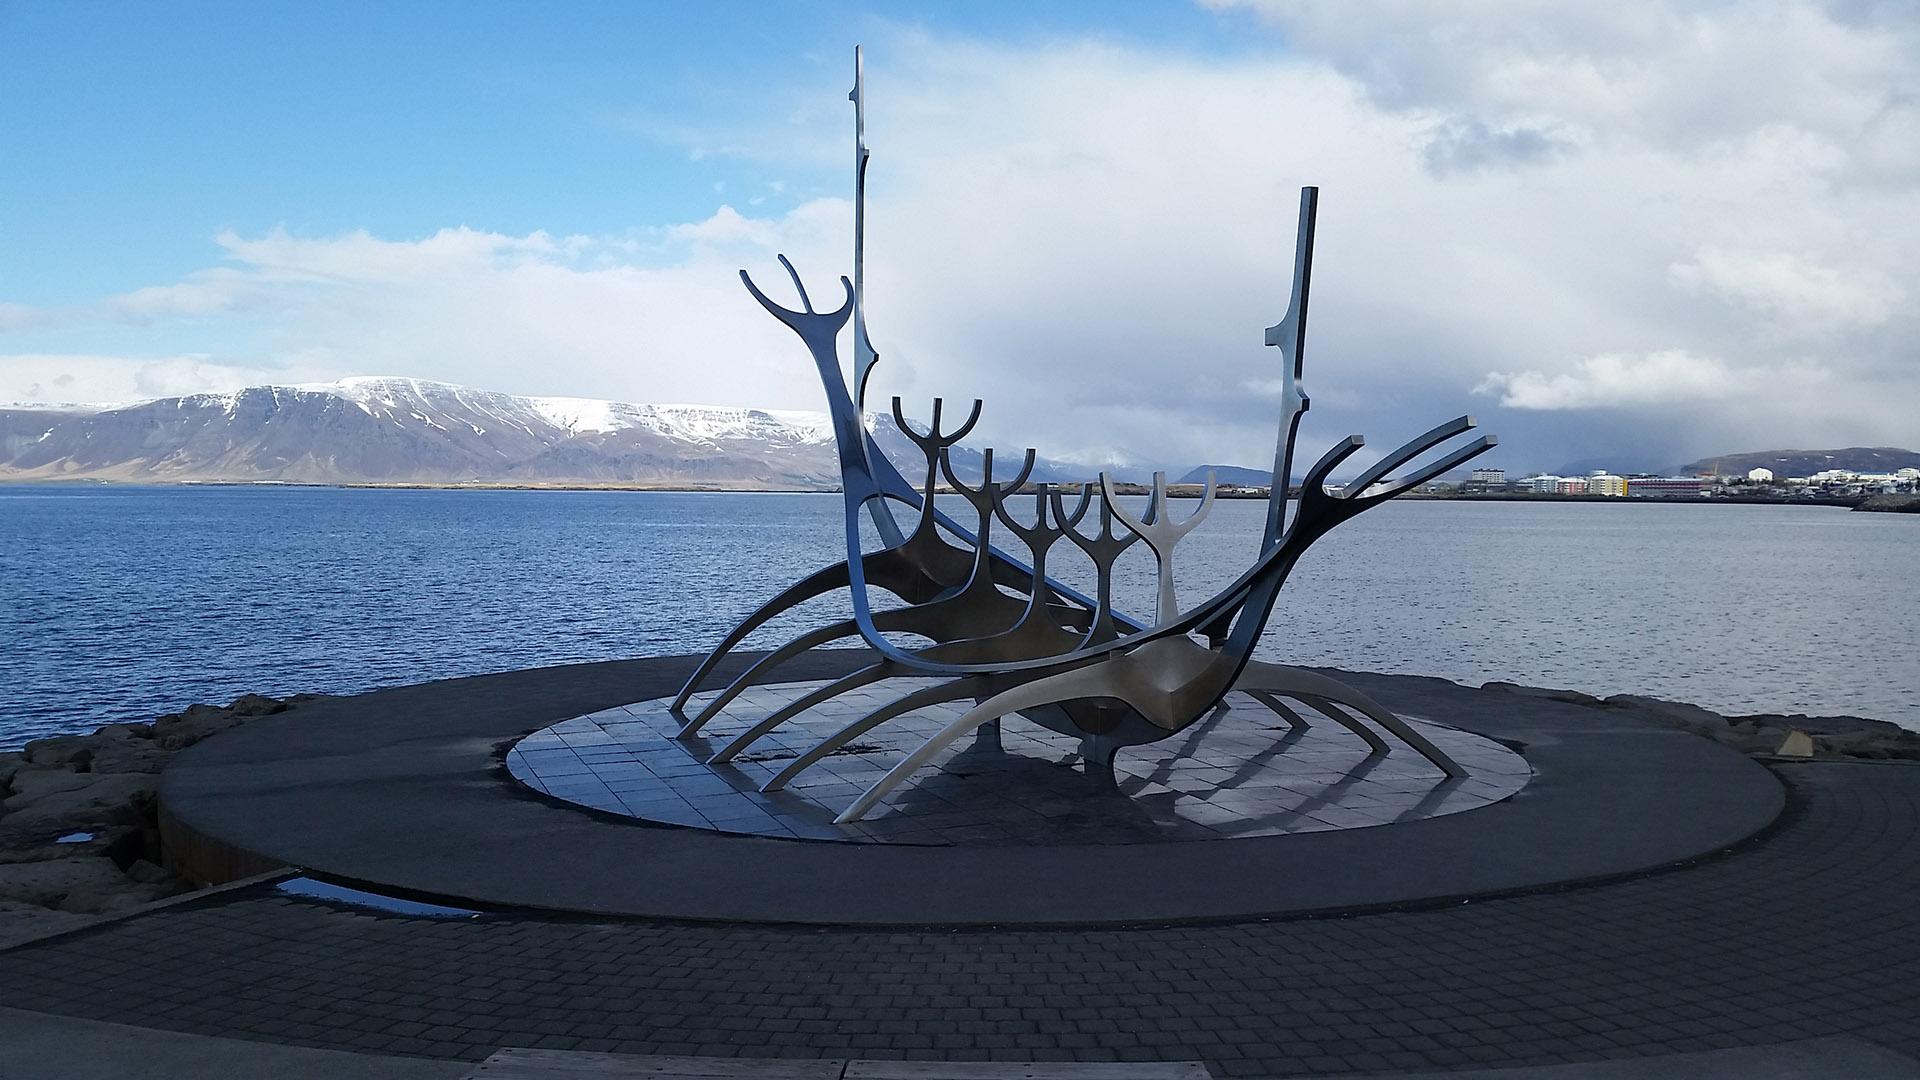 Sólar (El viajero del Sol). La escultura de este barco vikingo en la costanera es el monumento símbolo de la ciudad. En el fondo, el monte Esja